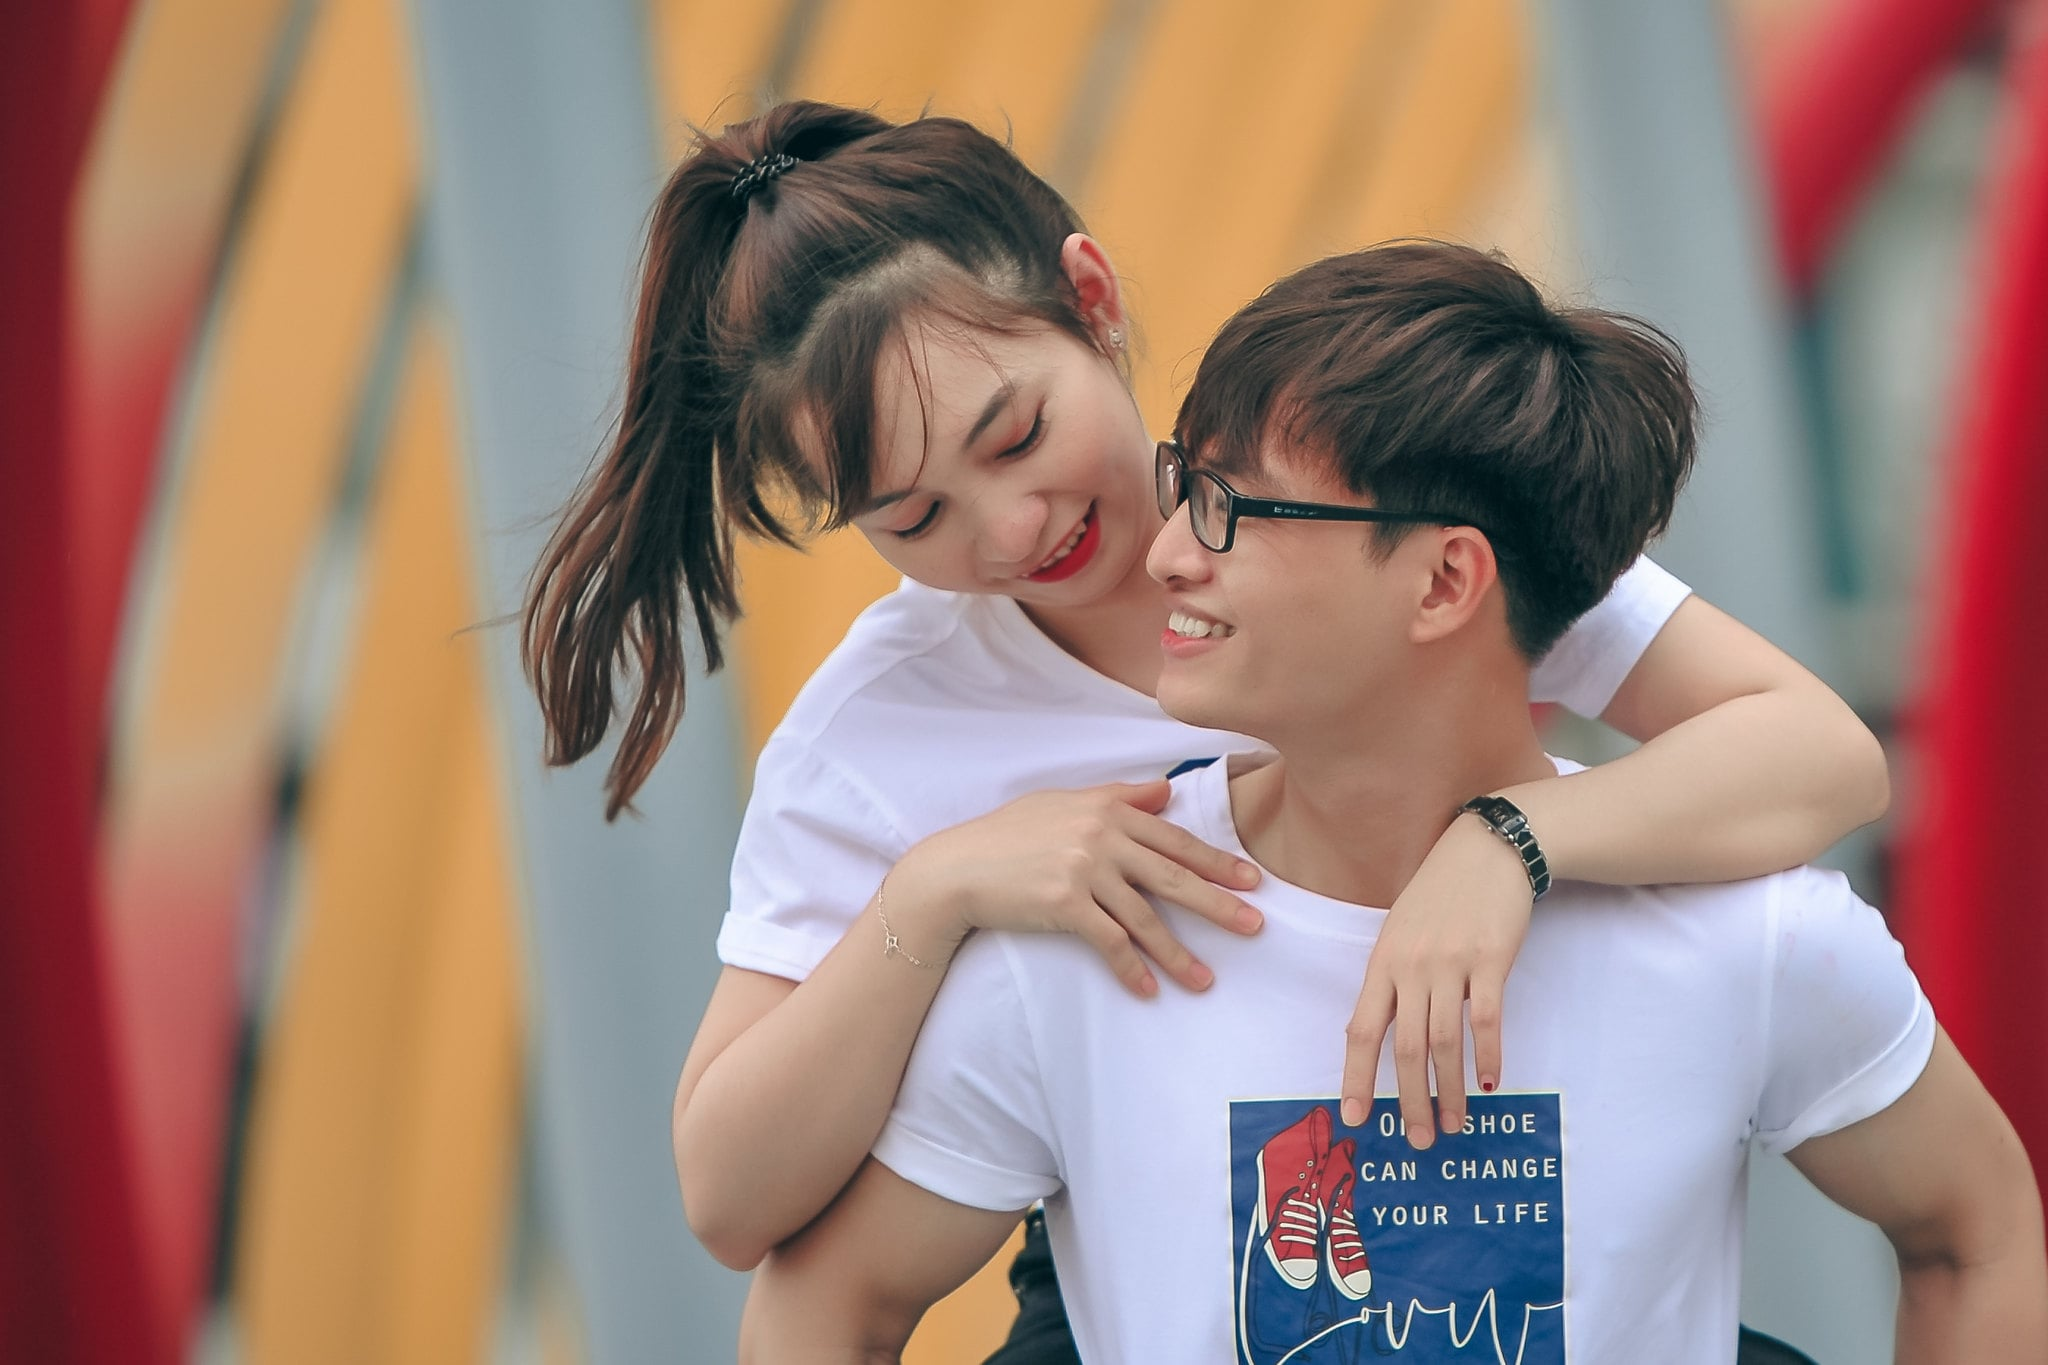 Anh couple sieu de thuong 8 - Chụp ảnh Couple dễ thương tại thành phố Hồ Chí Minh